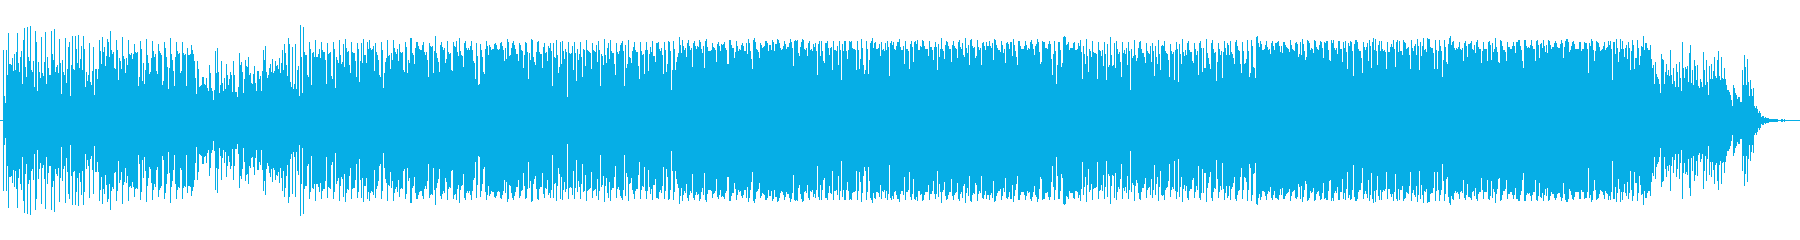 トロピカルハウス・ピアノ・EDMの再生済みの波形